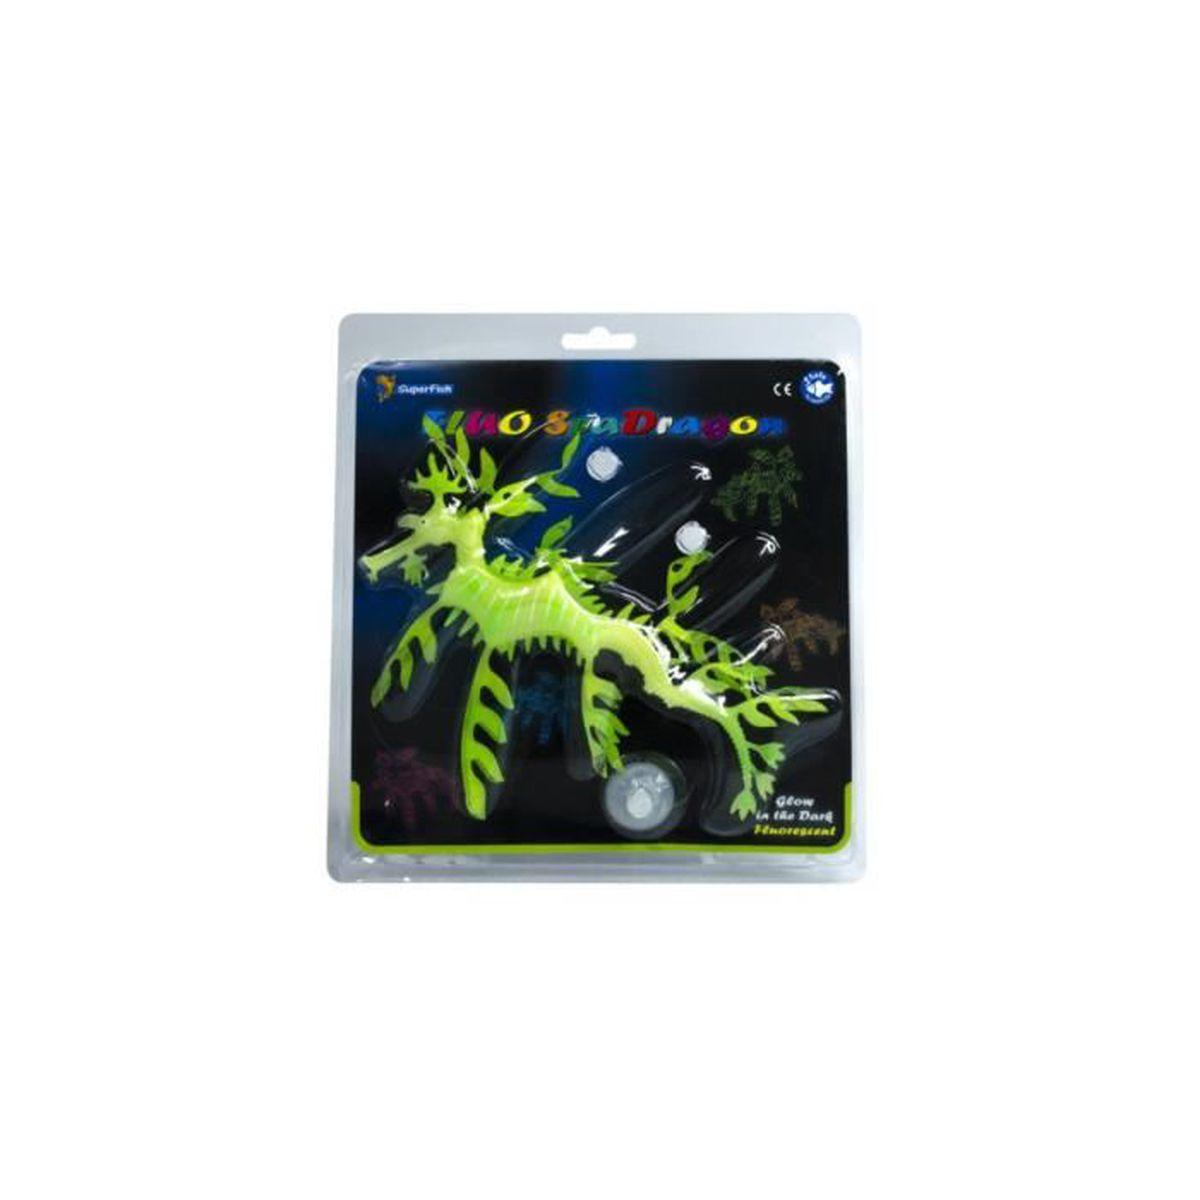 Déco artificielle déco fluo dragon vert superfish